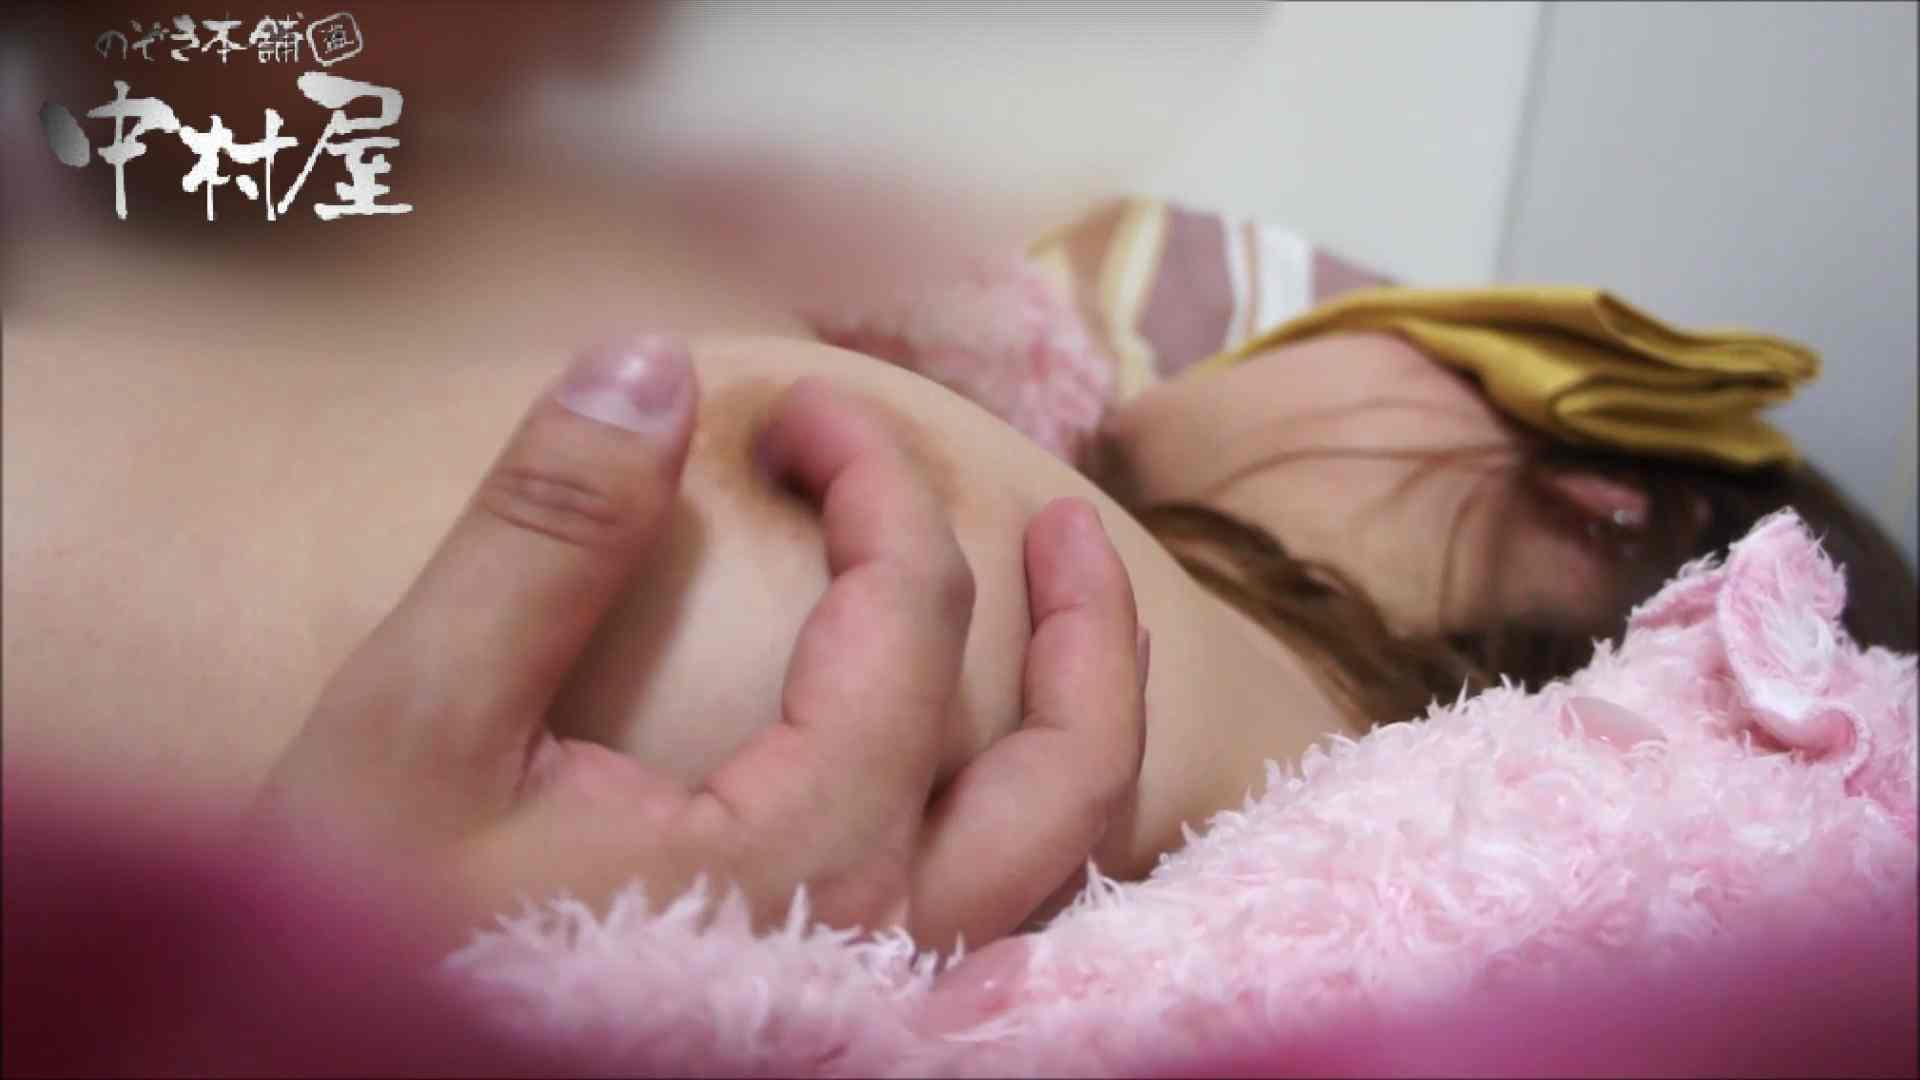 わが愛しき女良達よFile.105 【未公開】3人一緒に・・・【ユリナ編】 おまんこ | マンコ  103pic 69